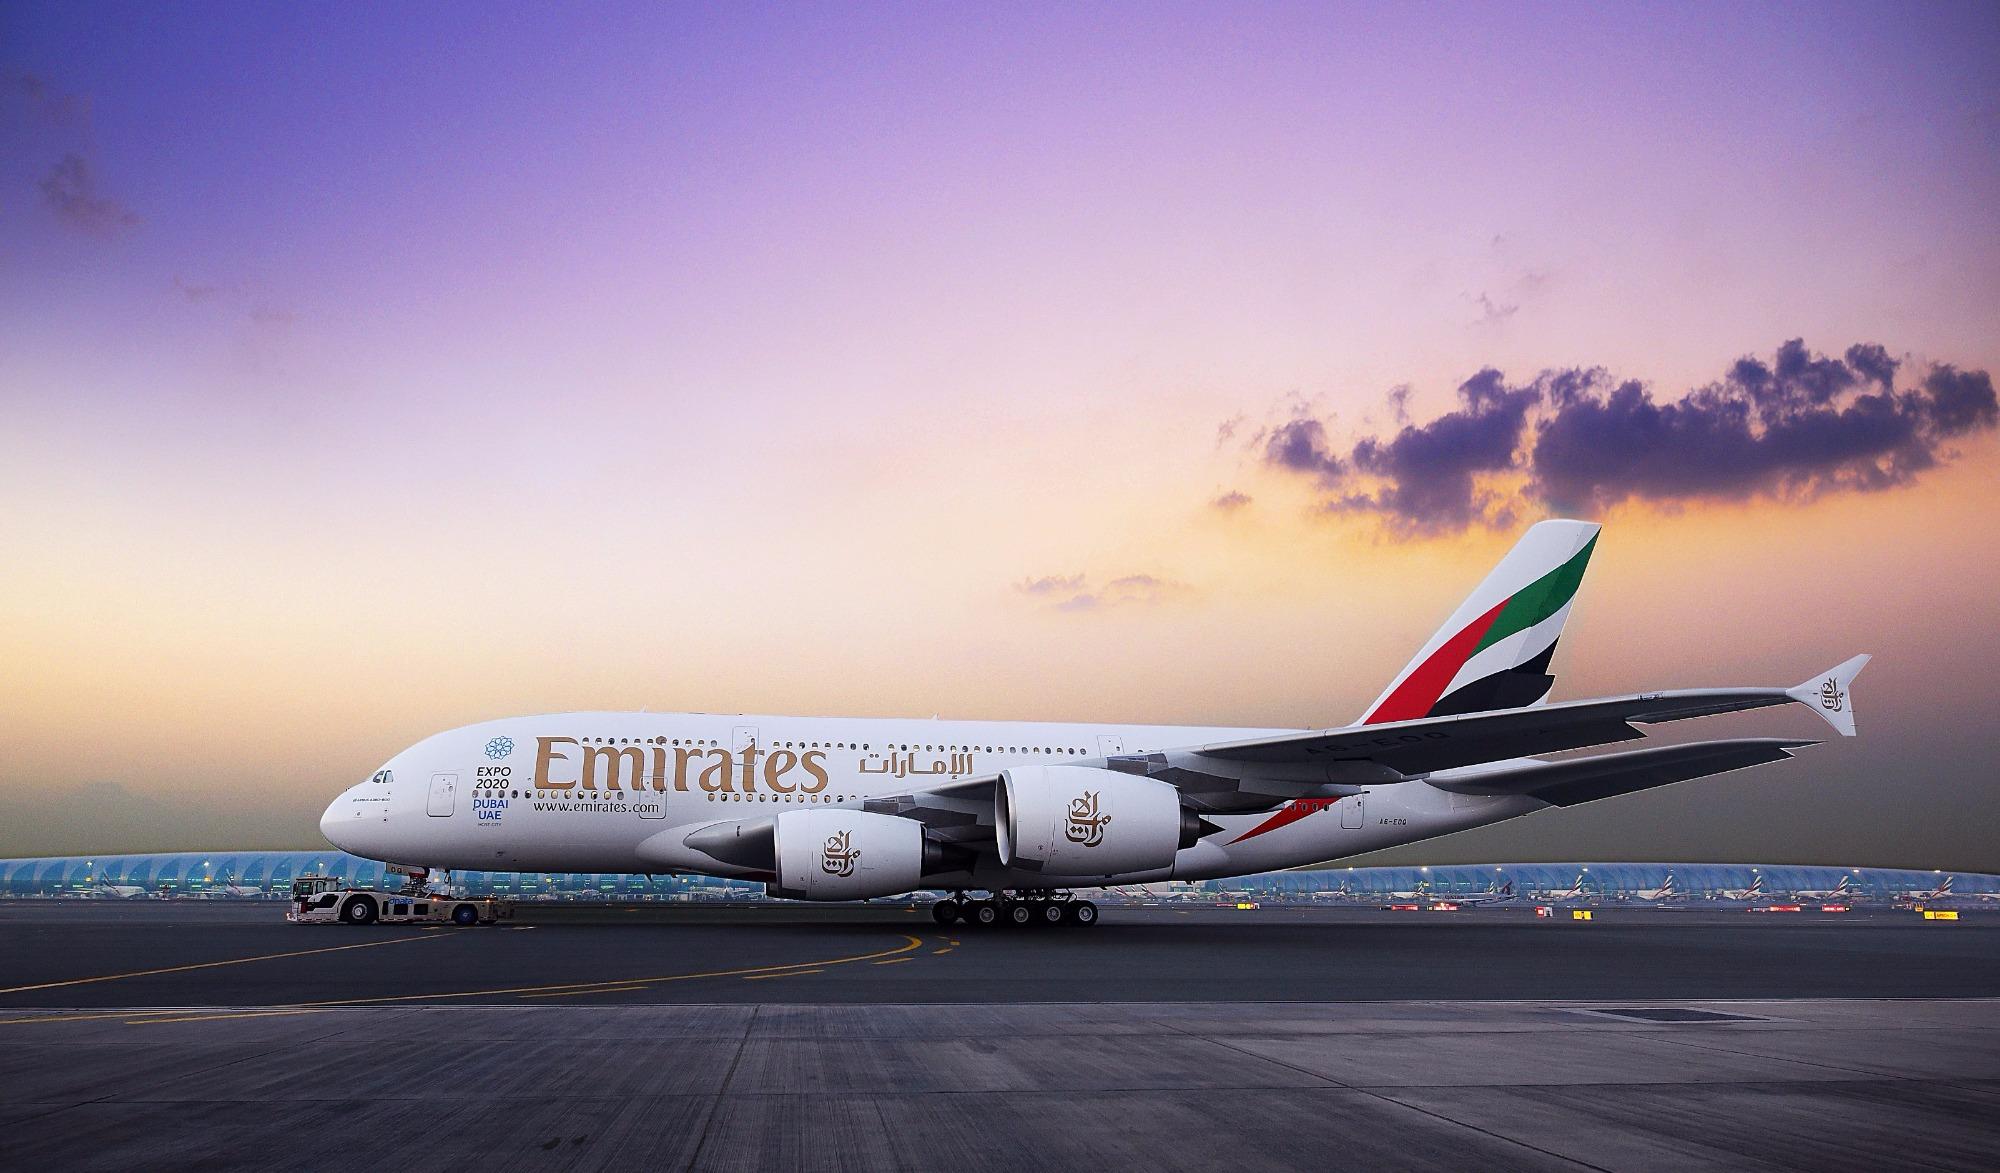 طيران الإمارات أرست معايير عالية في مجال العناية الصحية في الأجواء